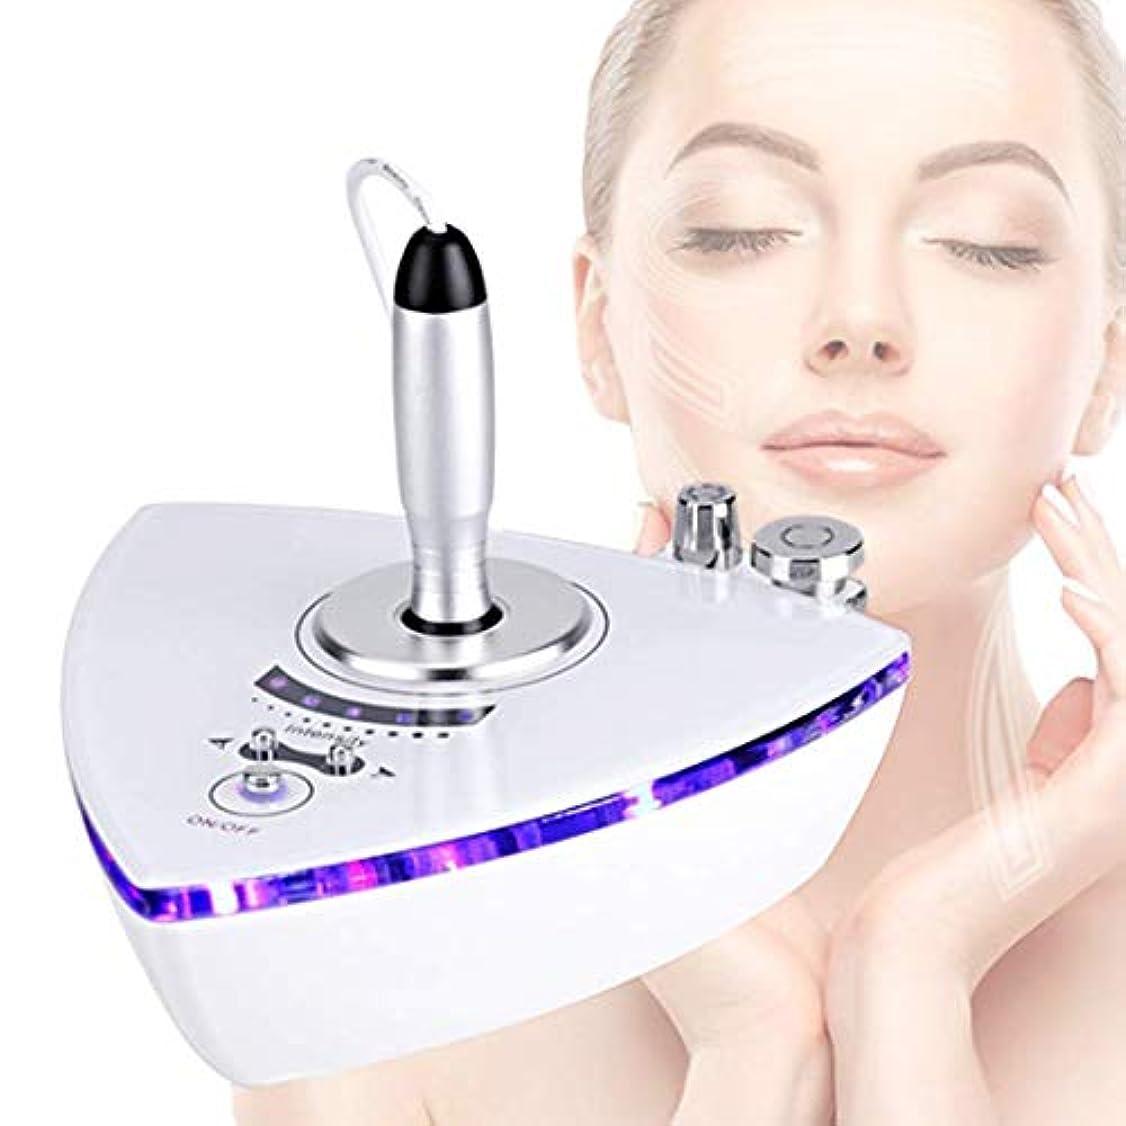 スリップスーツケース重くするRFの無線周波数の美顔術機械、反老化のスキンケアをきつく締める皮の若返りのしわ除去の皮のための家の使用携帯用美顔術機械